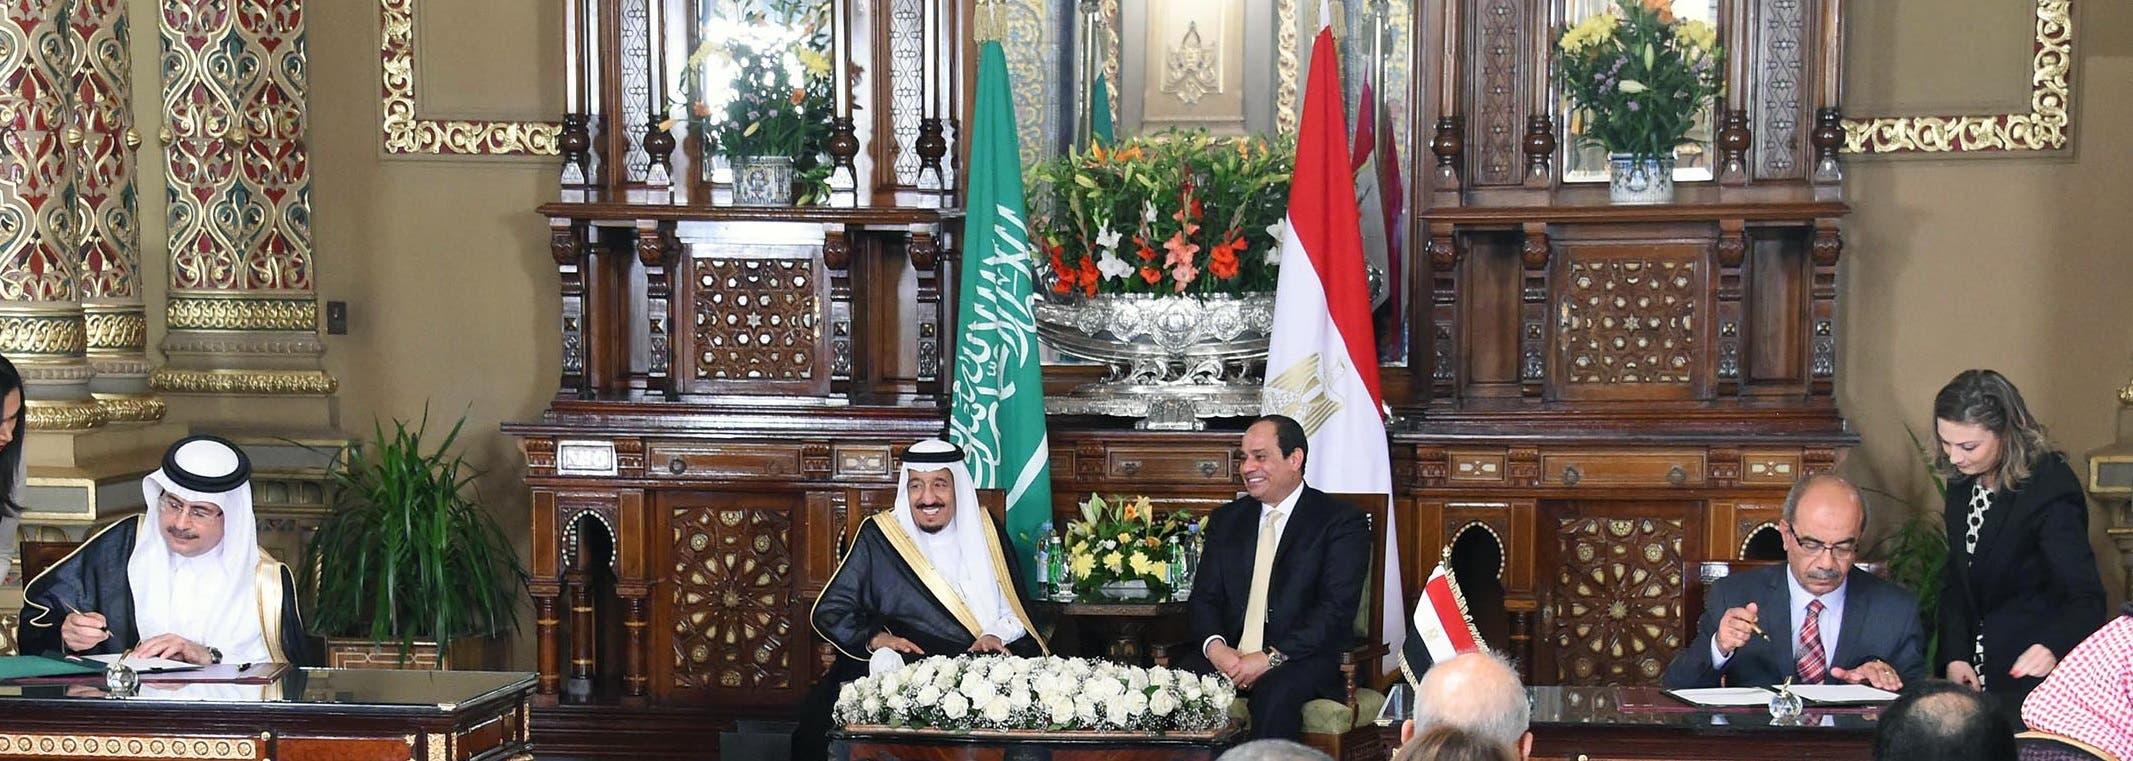 خادم الحرمين والرئيس المصري أثناء توقيع 21 اتفاقية تجارية